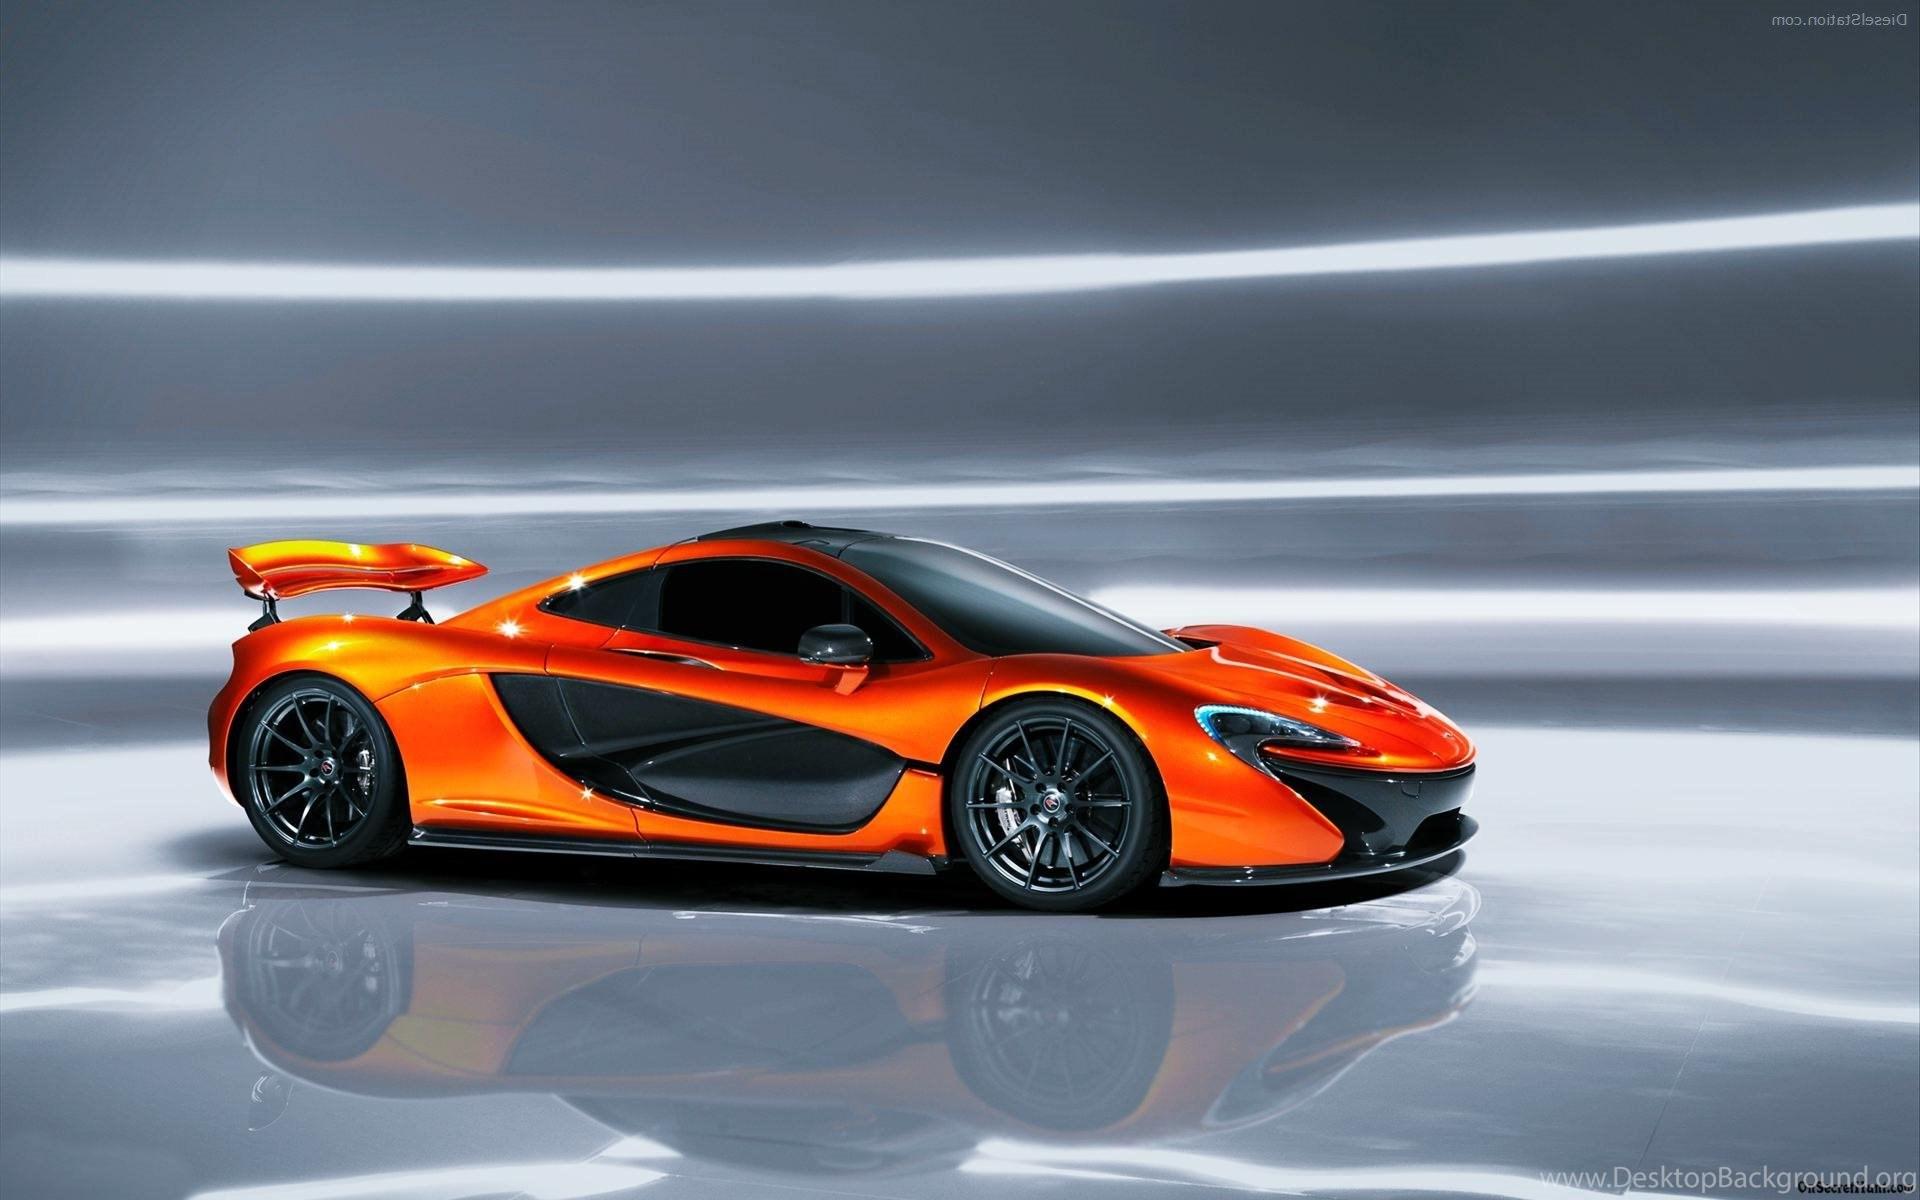 2015 McLaren P1 Orange Desktop Wallpapers HD